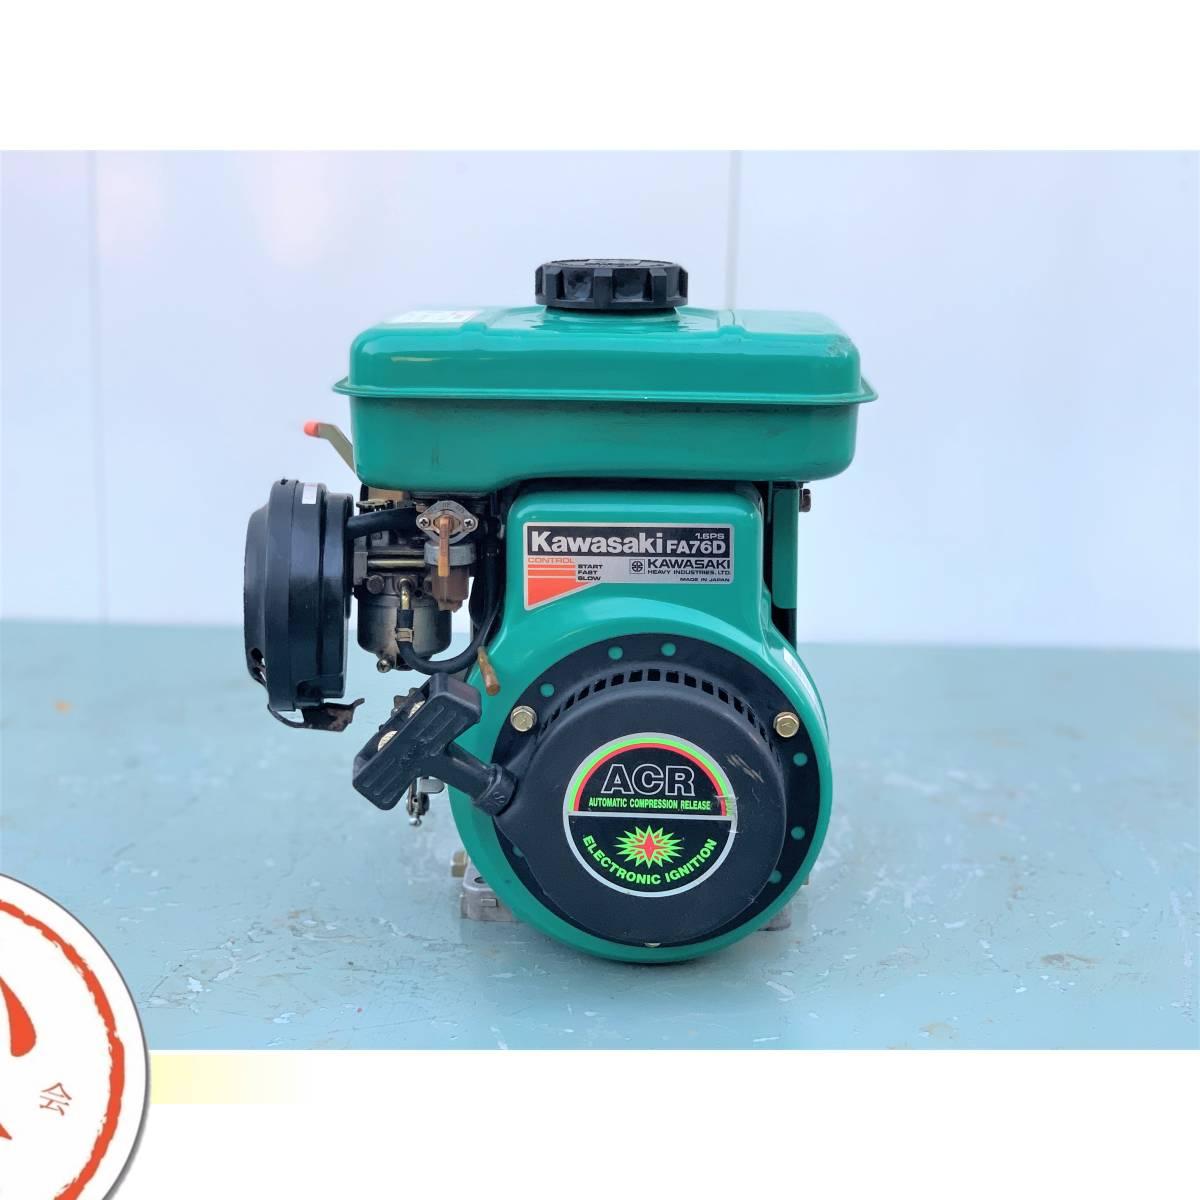 カワサキ ガソリンエンジン 発動機 『 FA76D 』 2.2馬力 _画像2